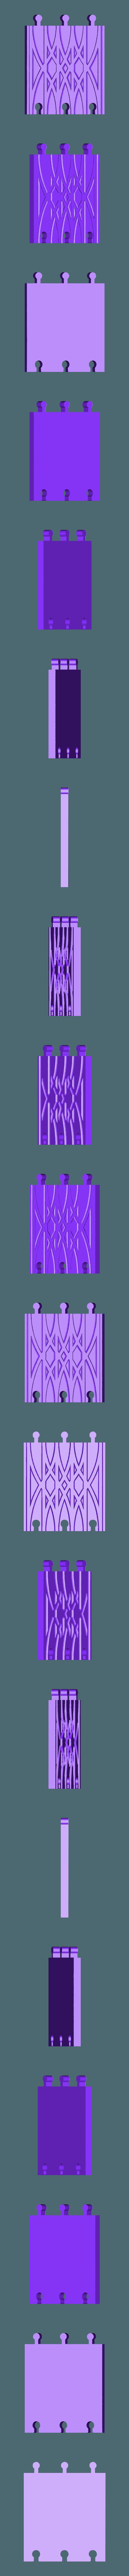 aiguillage_Trois_fois_trois_voies.stl Télécharger fichier STL gratuit Aiguillage et croisement 3 voies pour train en bois (Brio, Ikea ...) • Modèle pour impression 3D, Locorico